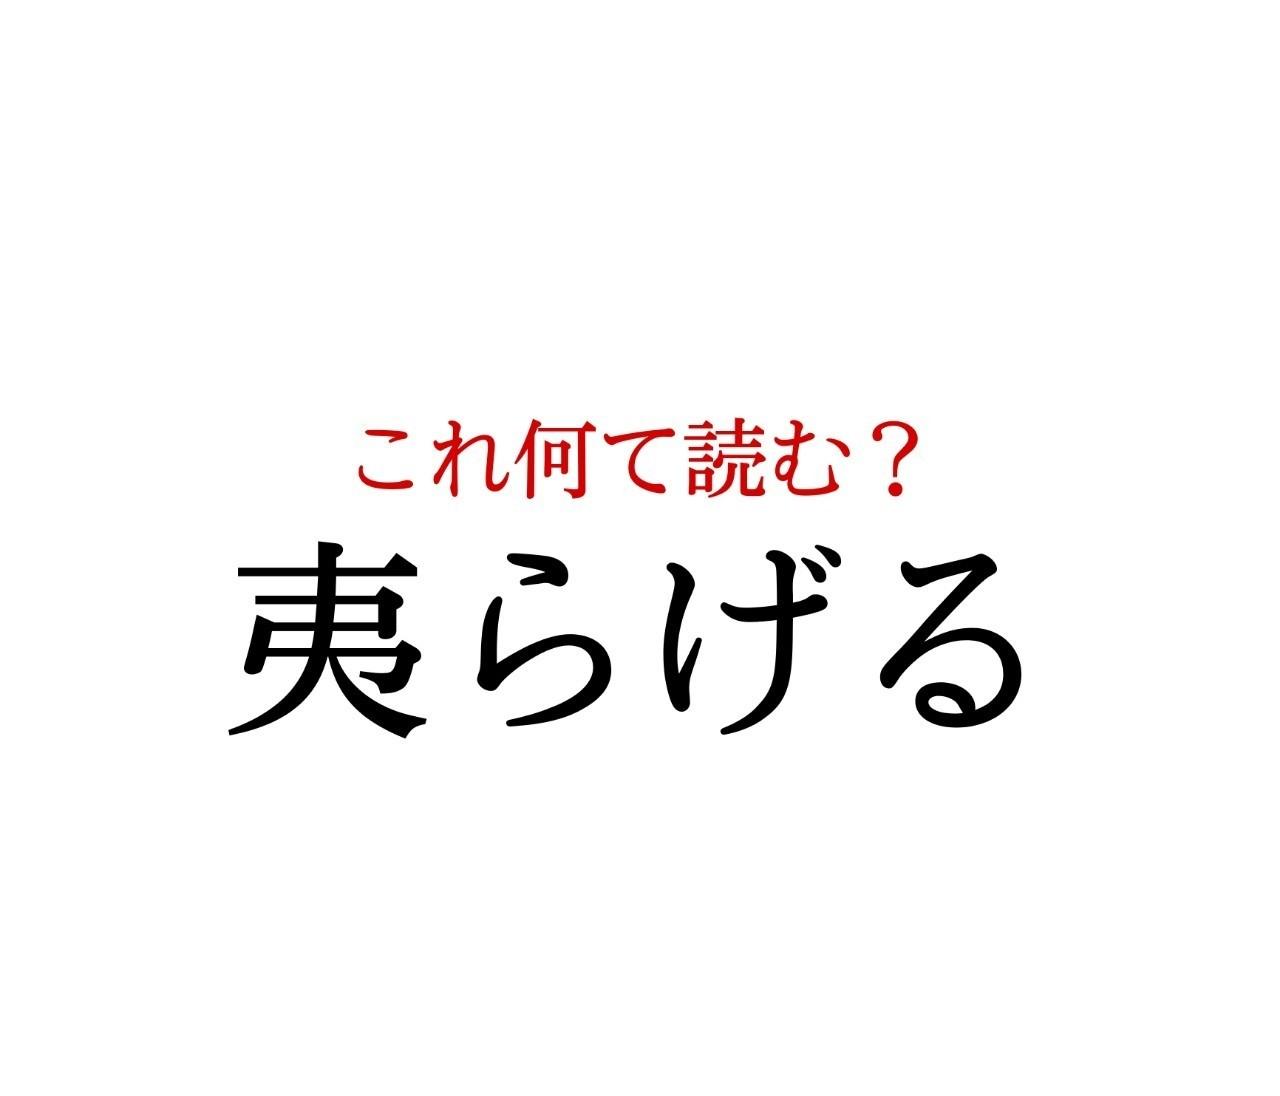 「夷らげる」:この漢字、自信を持って読めますか?【働く大人の漢字クイズvol.248】